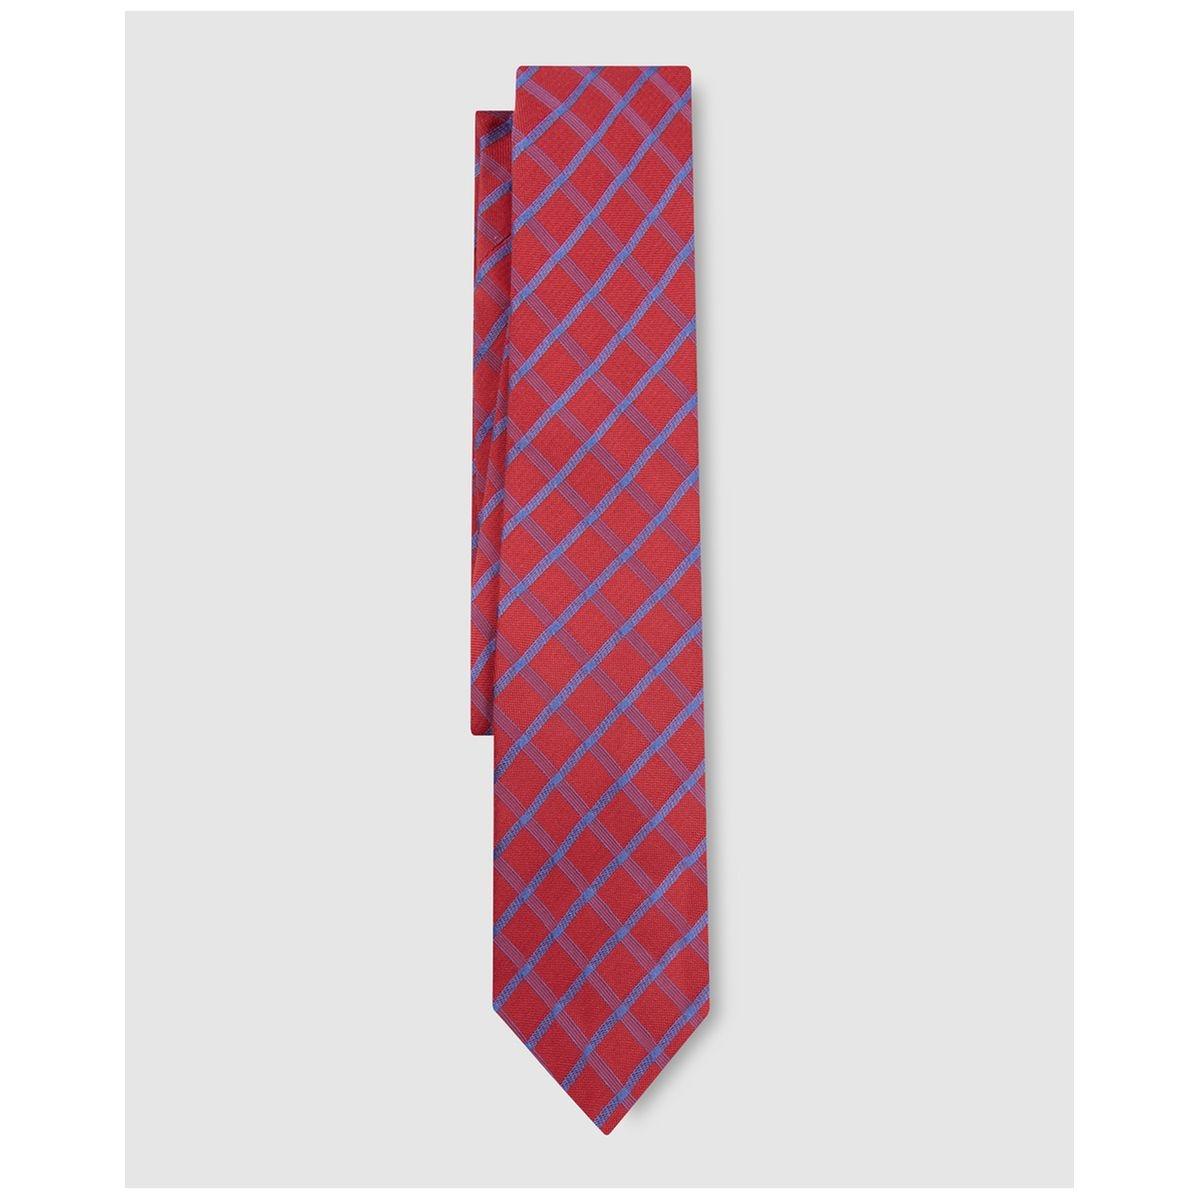 Cravate en soie à carreaux